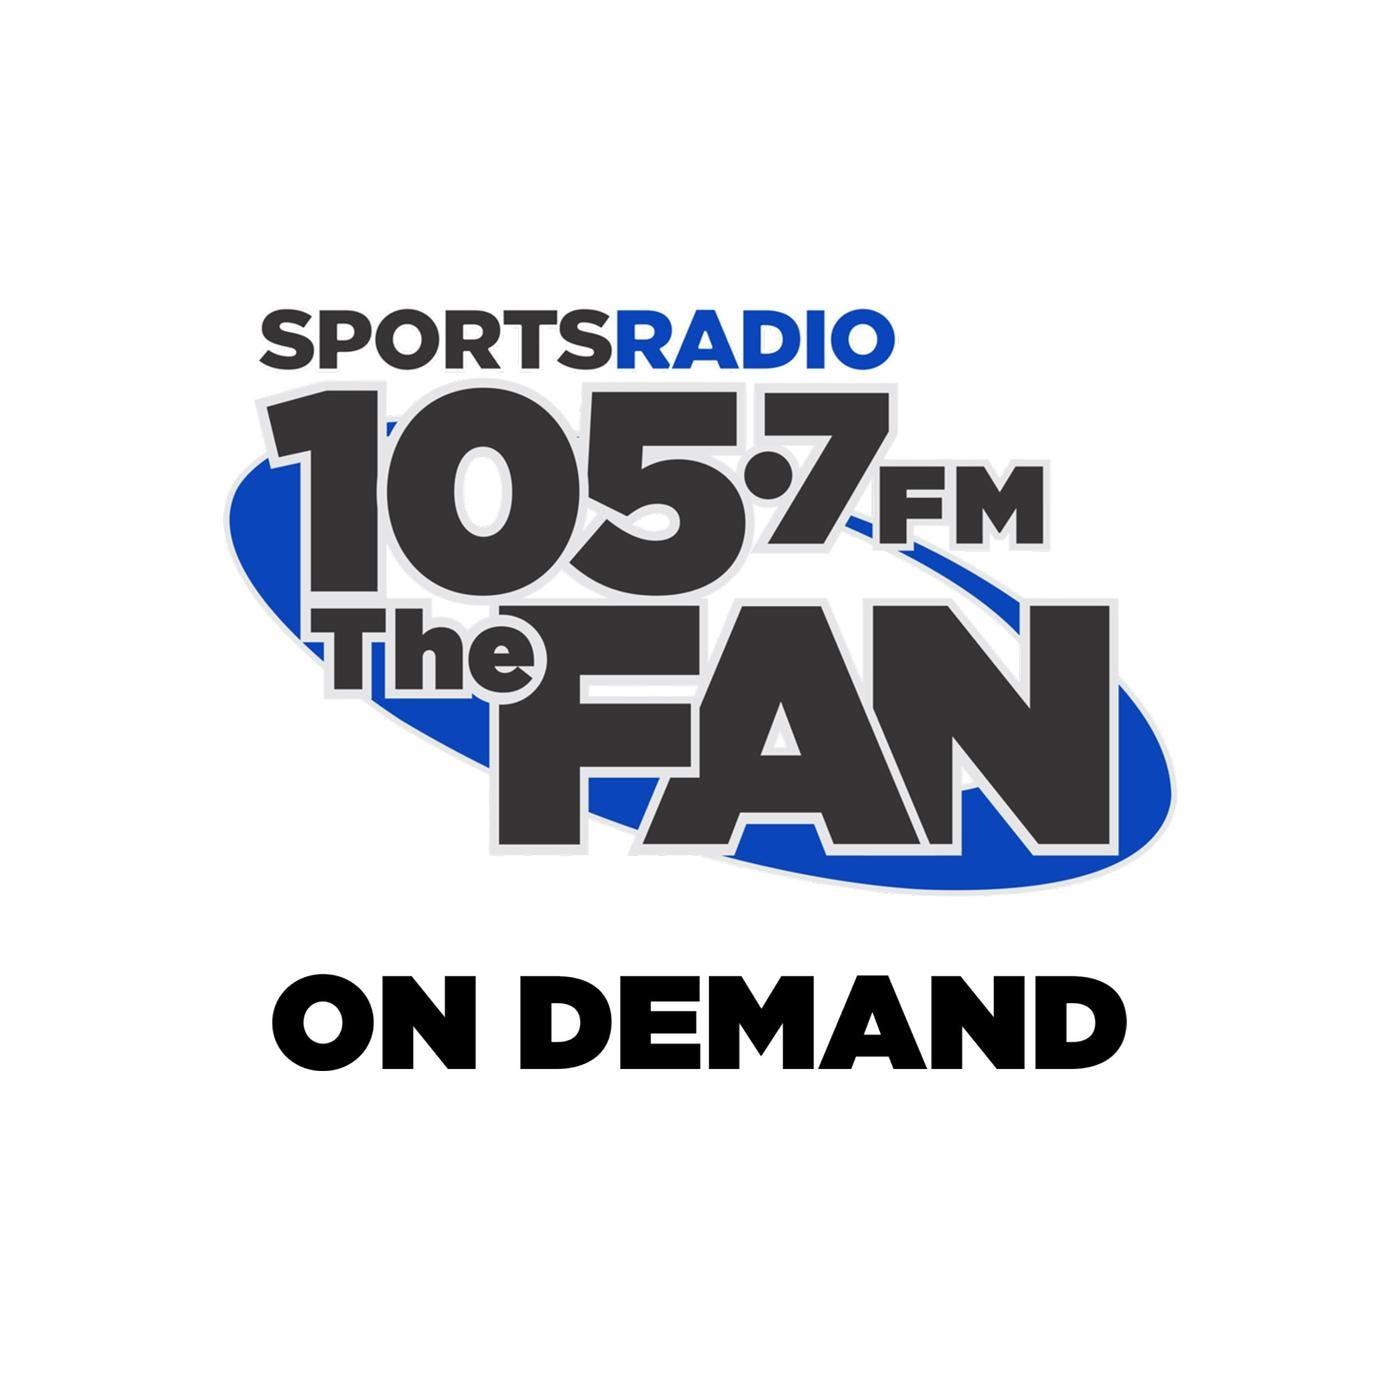 105.7 The Fan On Demand